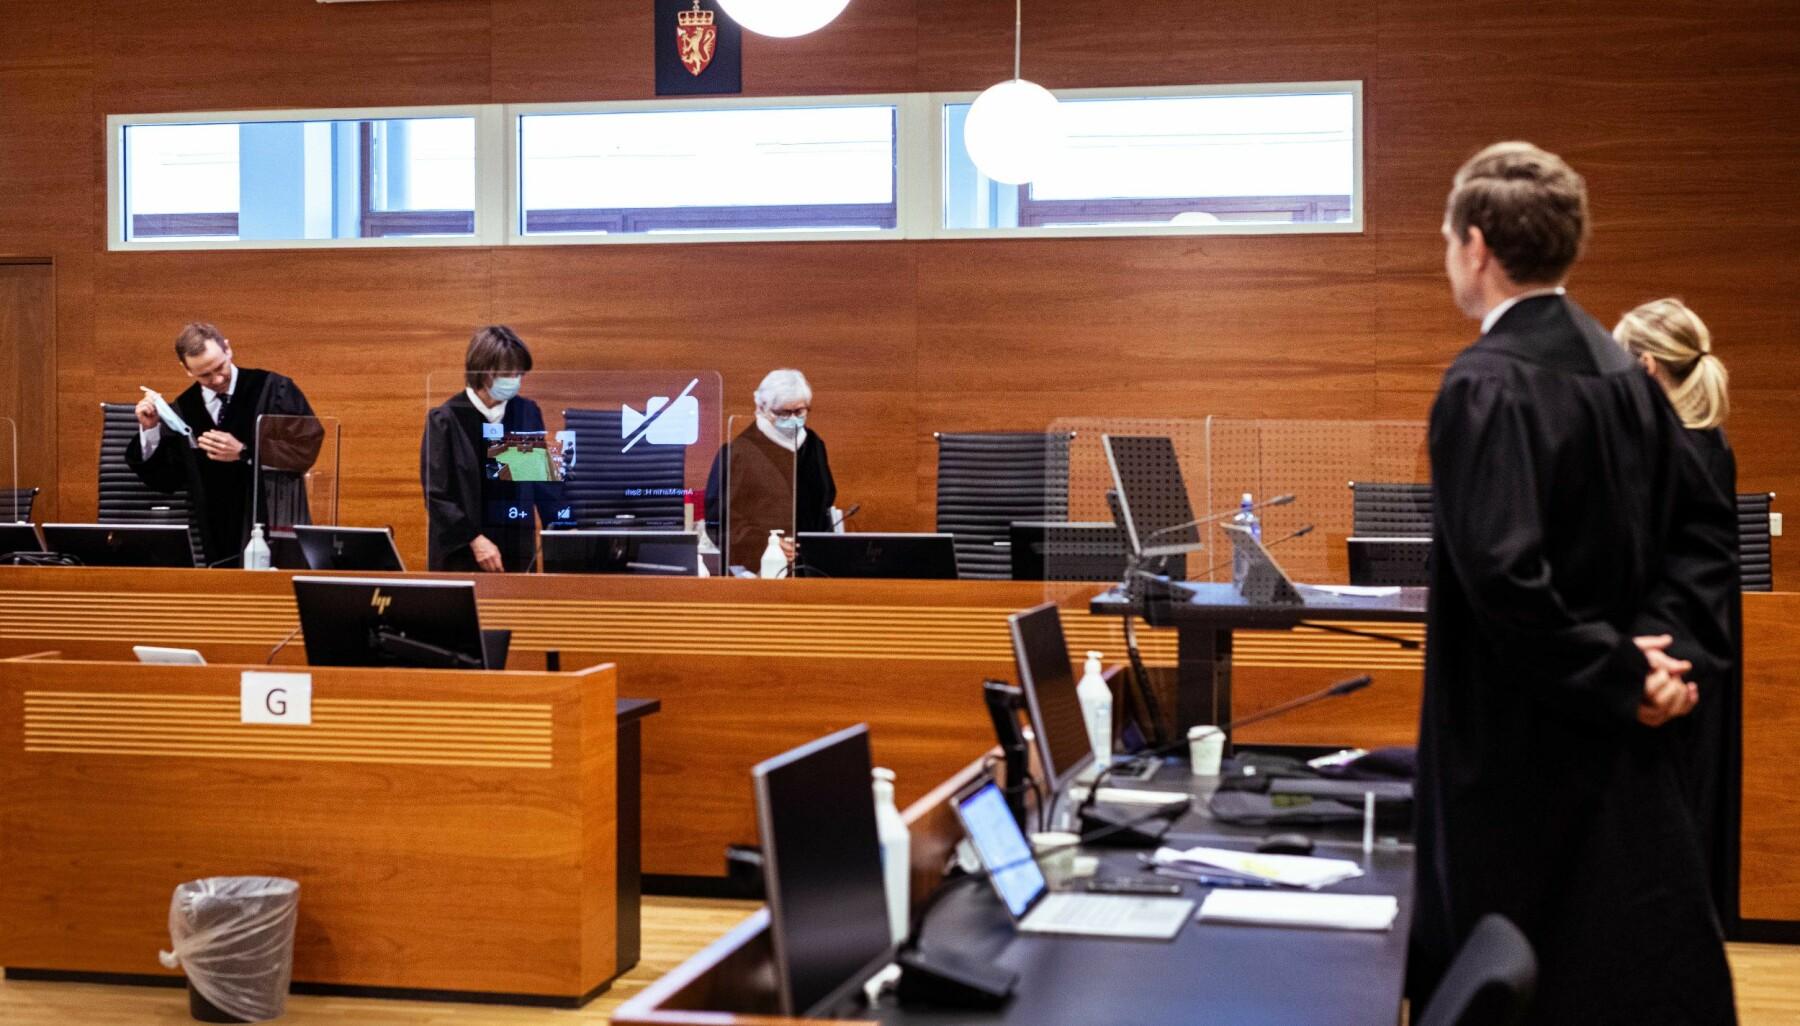 Lagdommerne f.v. Arne-Martin H. Sørli, rettens leder Fanny Platou Amble og Mary-Ann Hedlund på veg inn i rettssal M21 i Borgarting lagmannsrett på den fjerde dagen i retten. Til høyre står regjeringsadvokatene Torje Sunde og Kaija Bjelland. Svært få var tilstede fysisk, de aller fleste, blant dem flere av ELTE-studentene, fulgte saken digitalt.